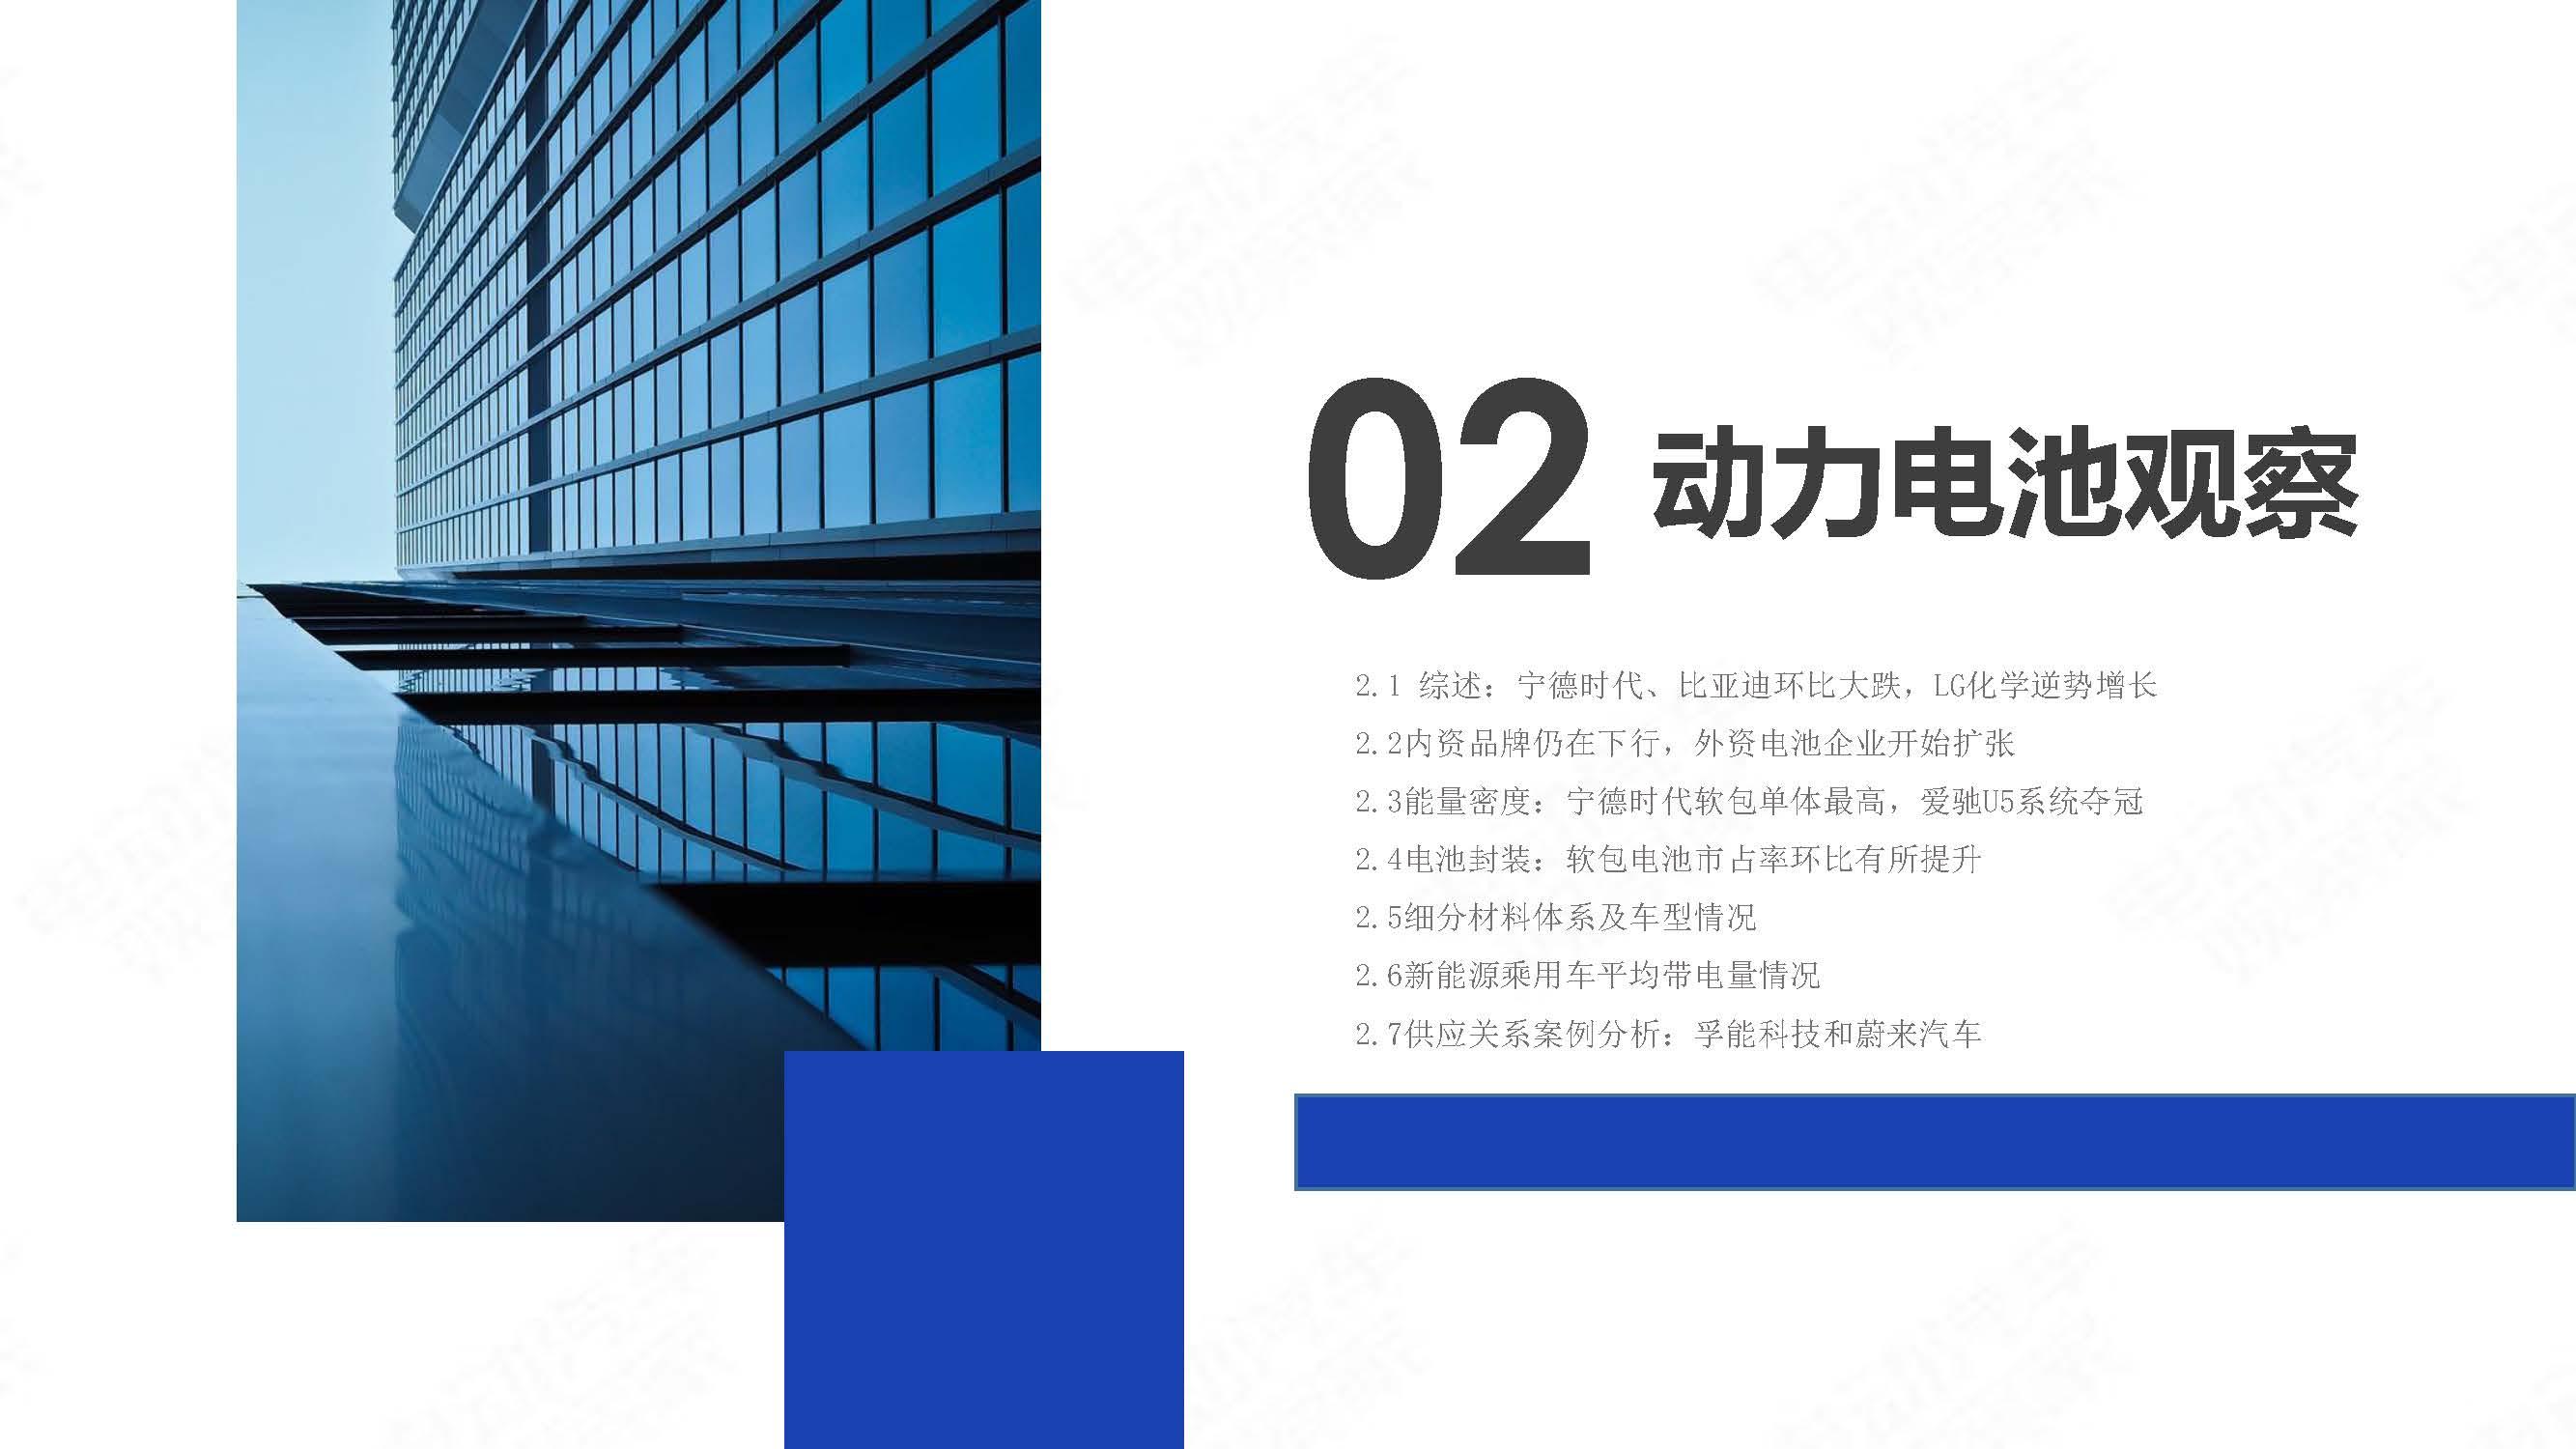 中国新能源汽车产业观察2020年5月简版_页面_16